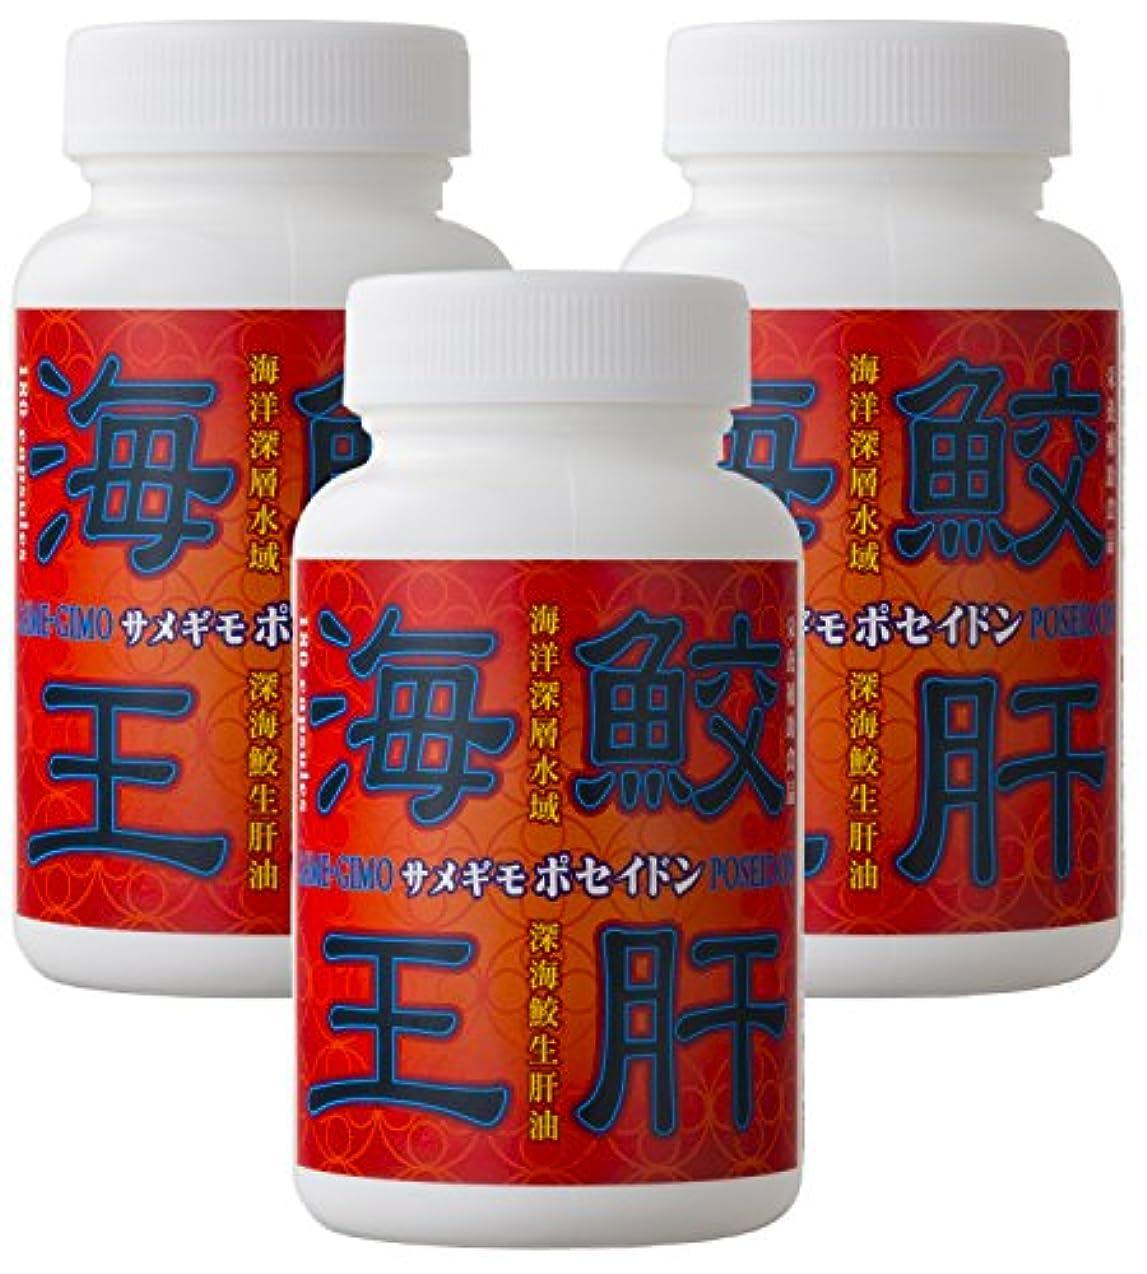 雄弁な小さな聴覚エバーライフ 鮫生肝油 「鮫肝海王 (サメギモポセイドン)」 180粒 3本セット